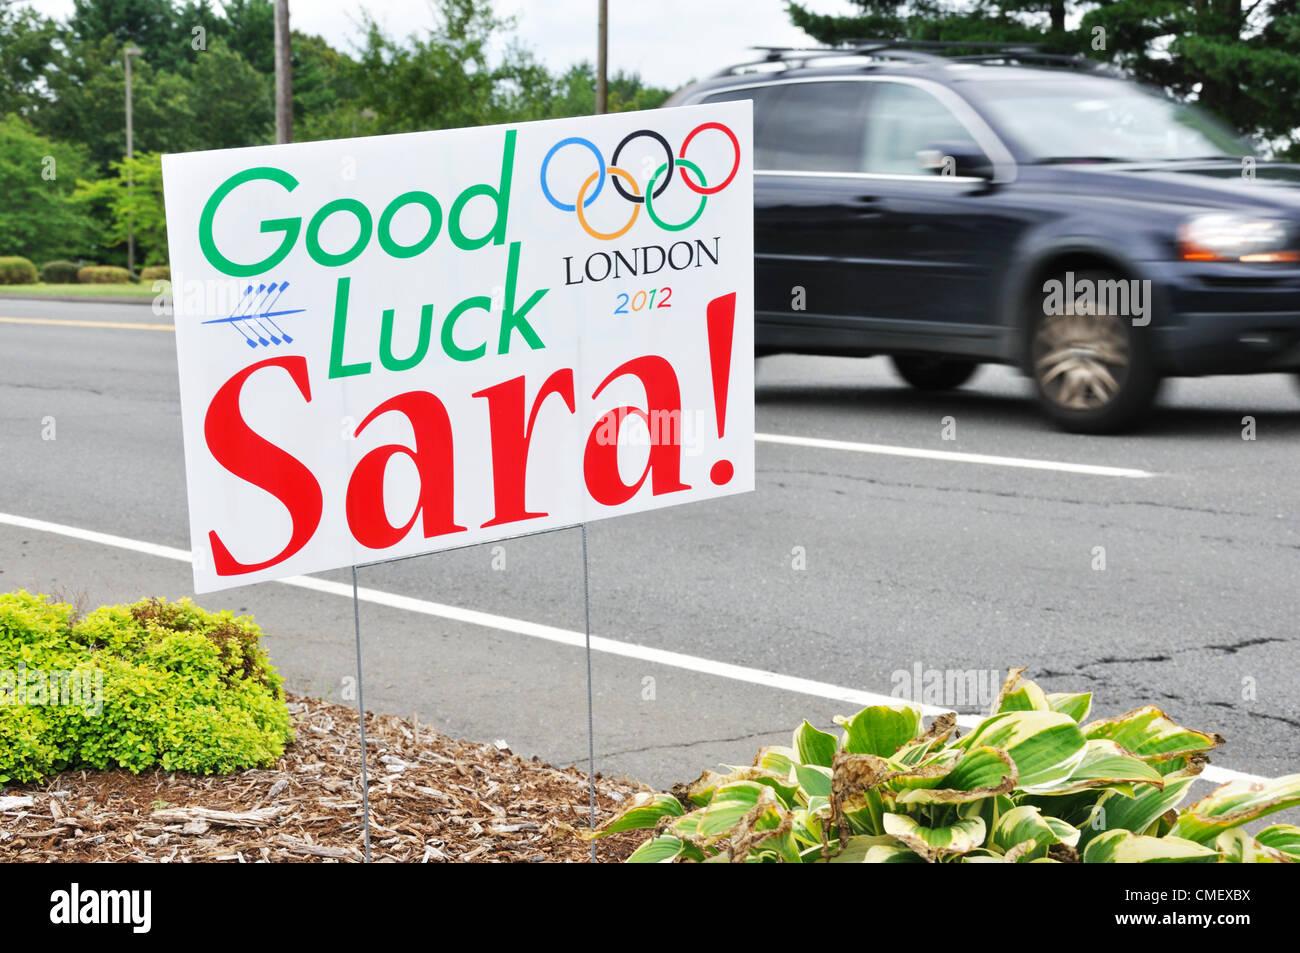 Asistencia en carretera póster para Connecticut remero Sara Hendershot que calificaron para la final en las Olimpiadas de Verano. Avon, Connecticut, EE.UU. Foto de stock